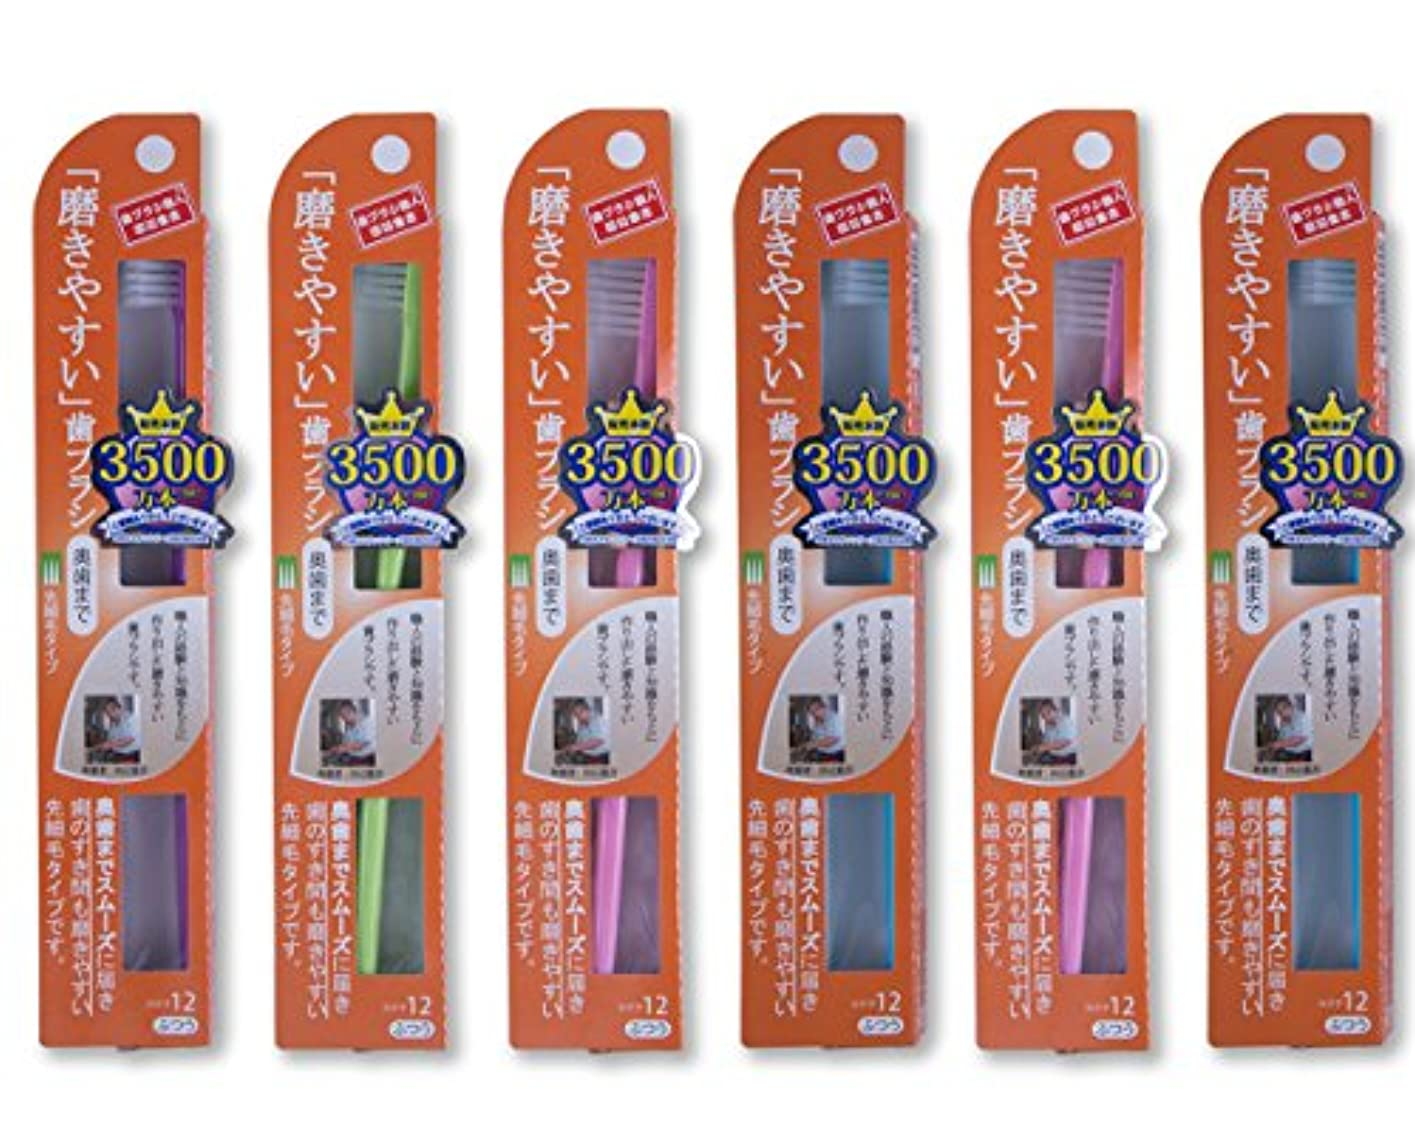 コンピューターを使用するイブリーチ歯ブラシ職人 Artooth® 田辺重吉  日本製 磨きやすい歯ブラシ(奥歯まで)先細 LT-12 (6本入)